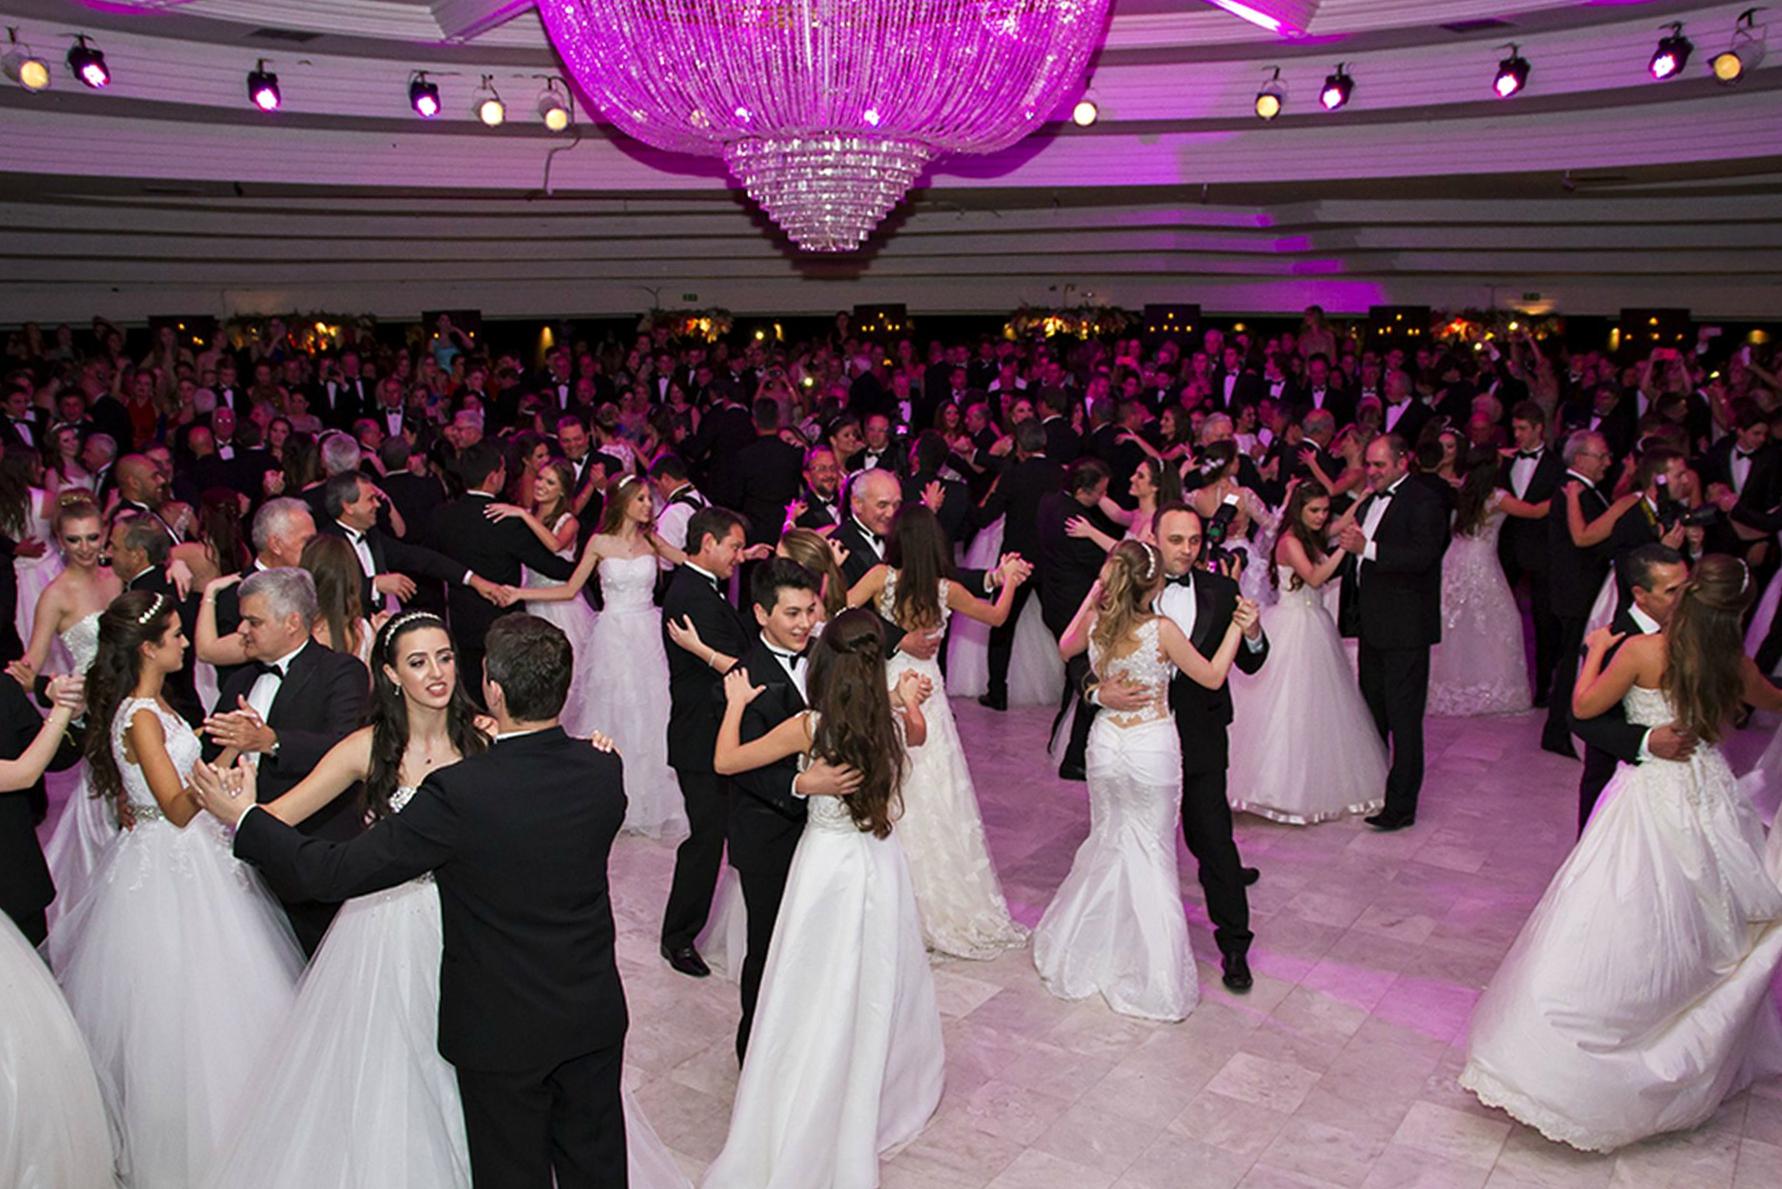 baile debutante clube curitibano amplo.jpg - Tenebroso! Você sabe qual é a origem das festas de debutantes?